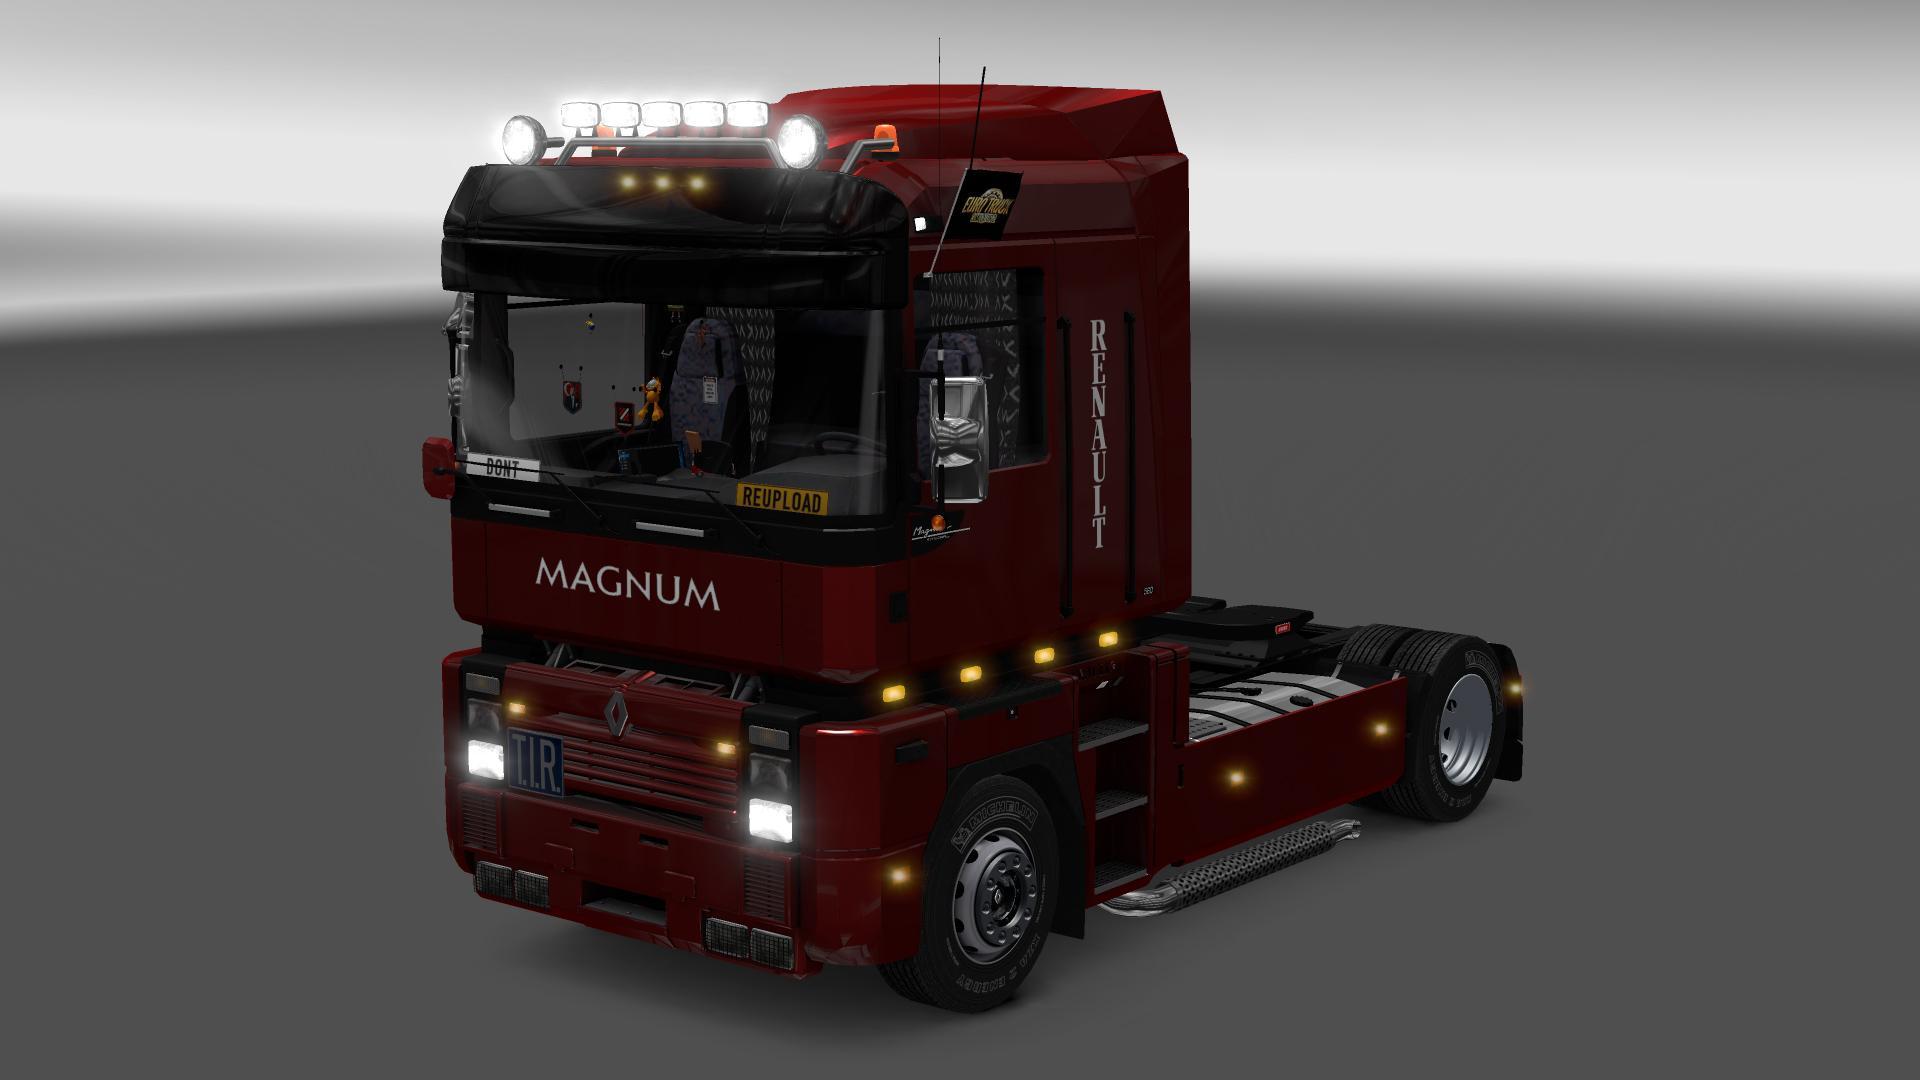 renault magnum integral dlcs add on ets2 euro truck simulator 2 mod ets2 mod. Black Bedroom Furniture Sets. Home Design Ideas